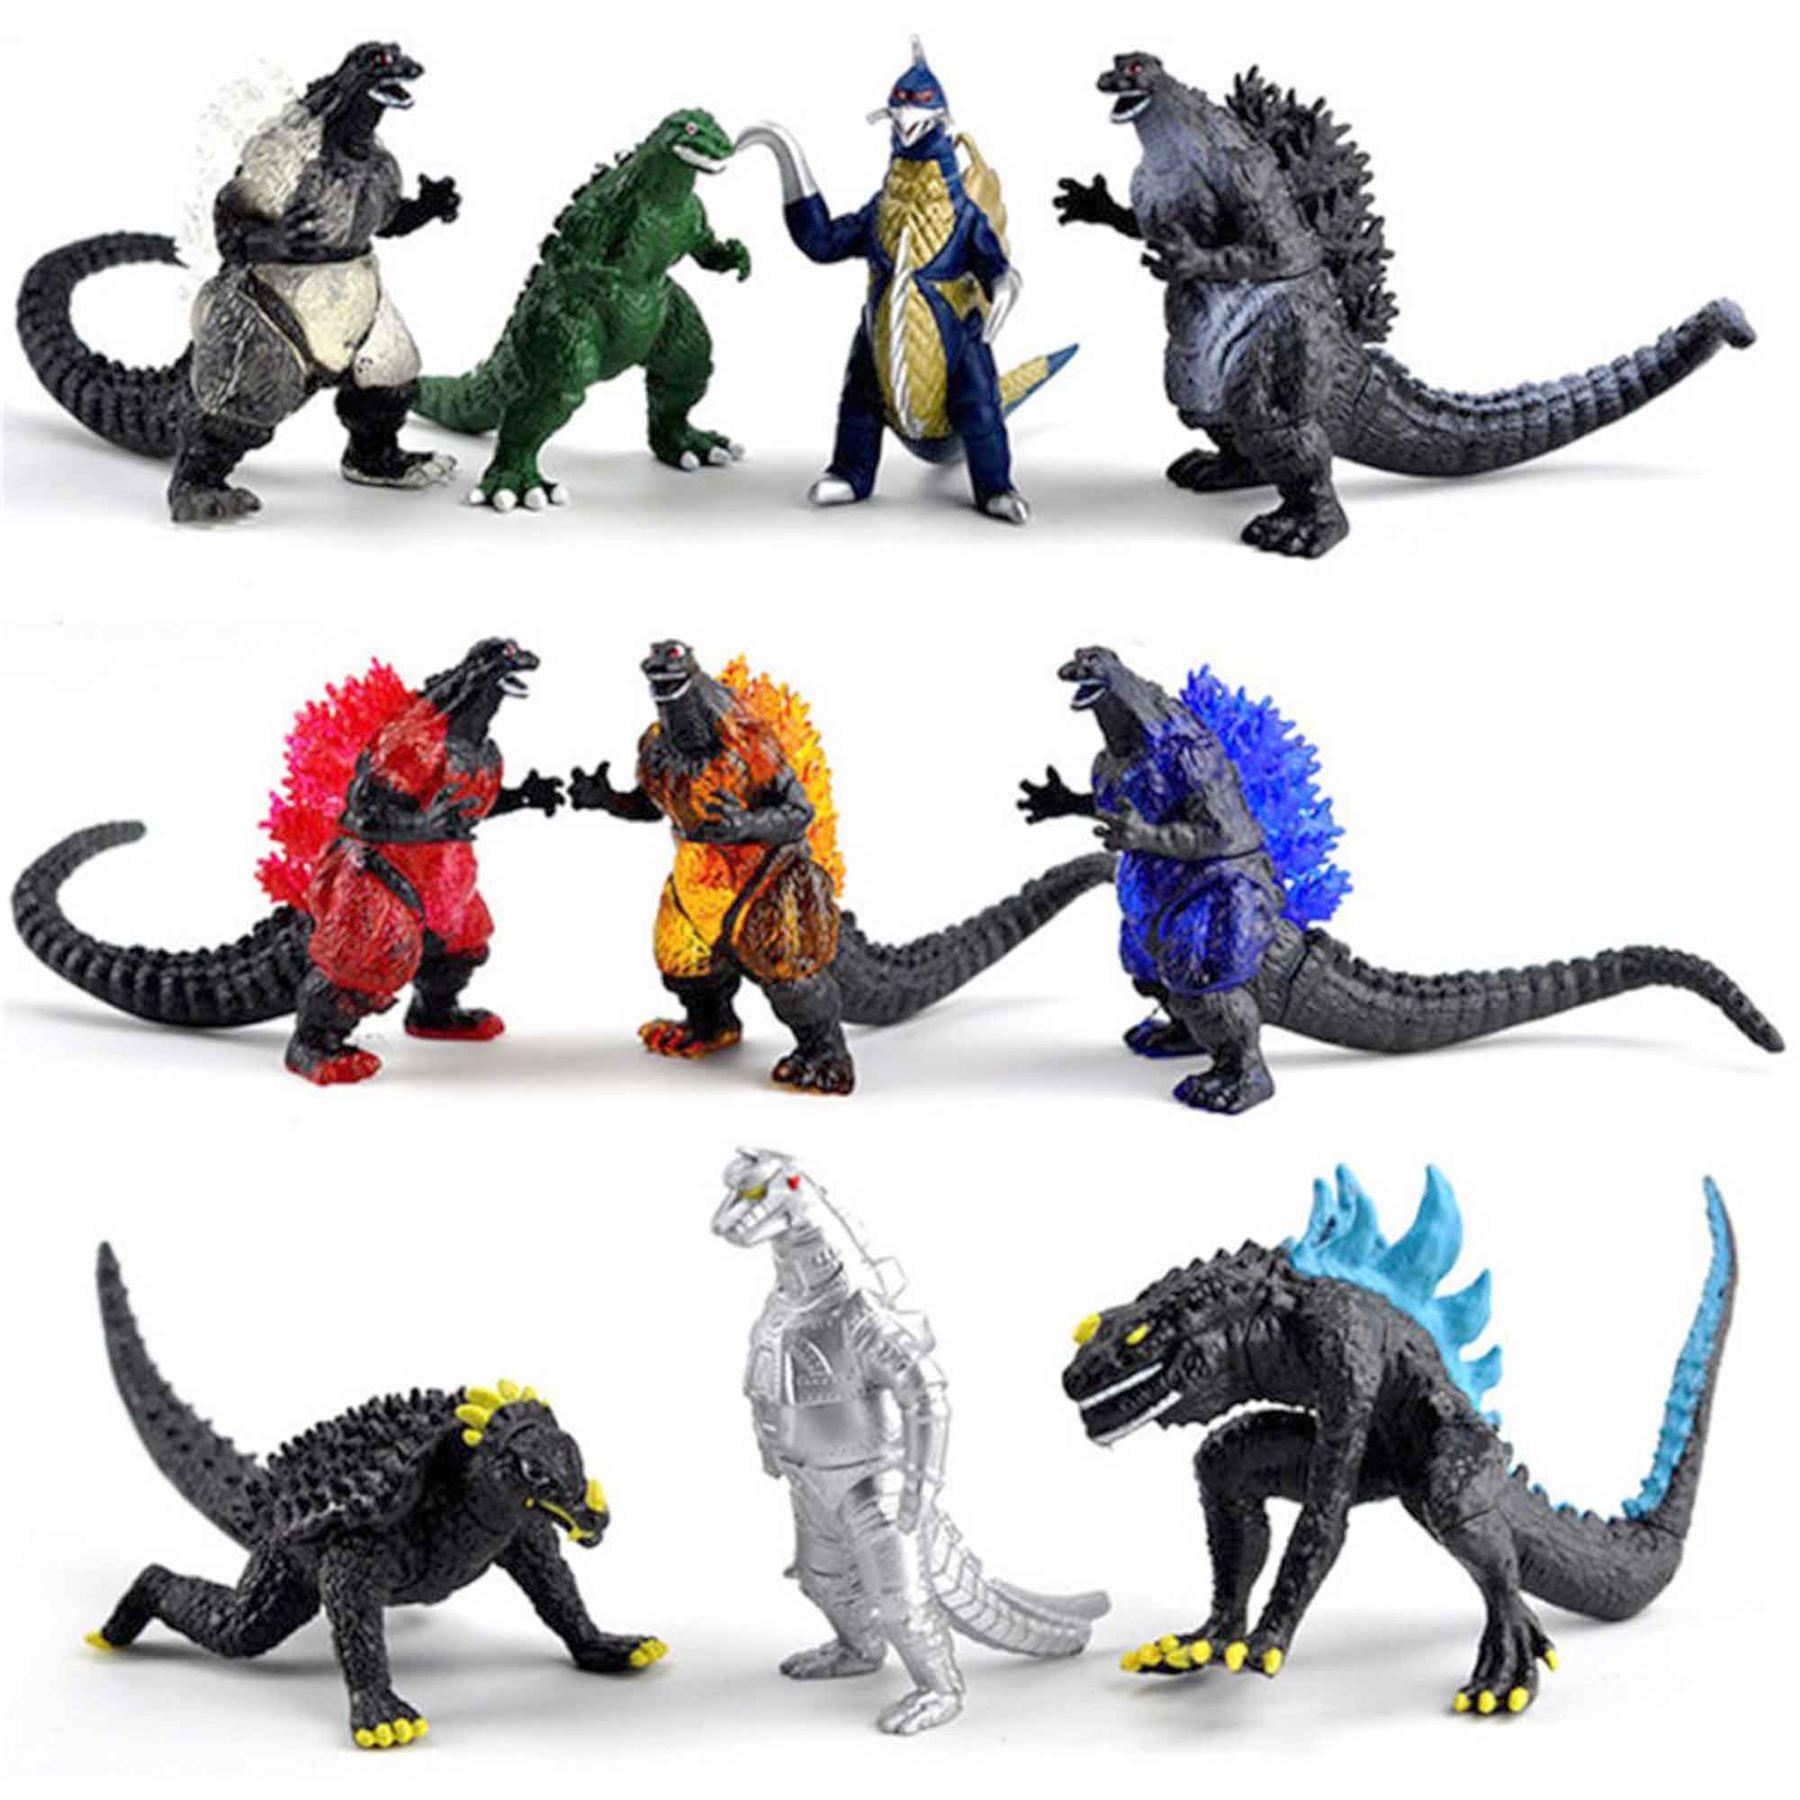 Figure Di Giocattoli Godzilla Online   Figure Di Giocattoli